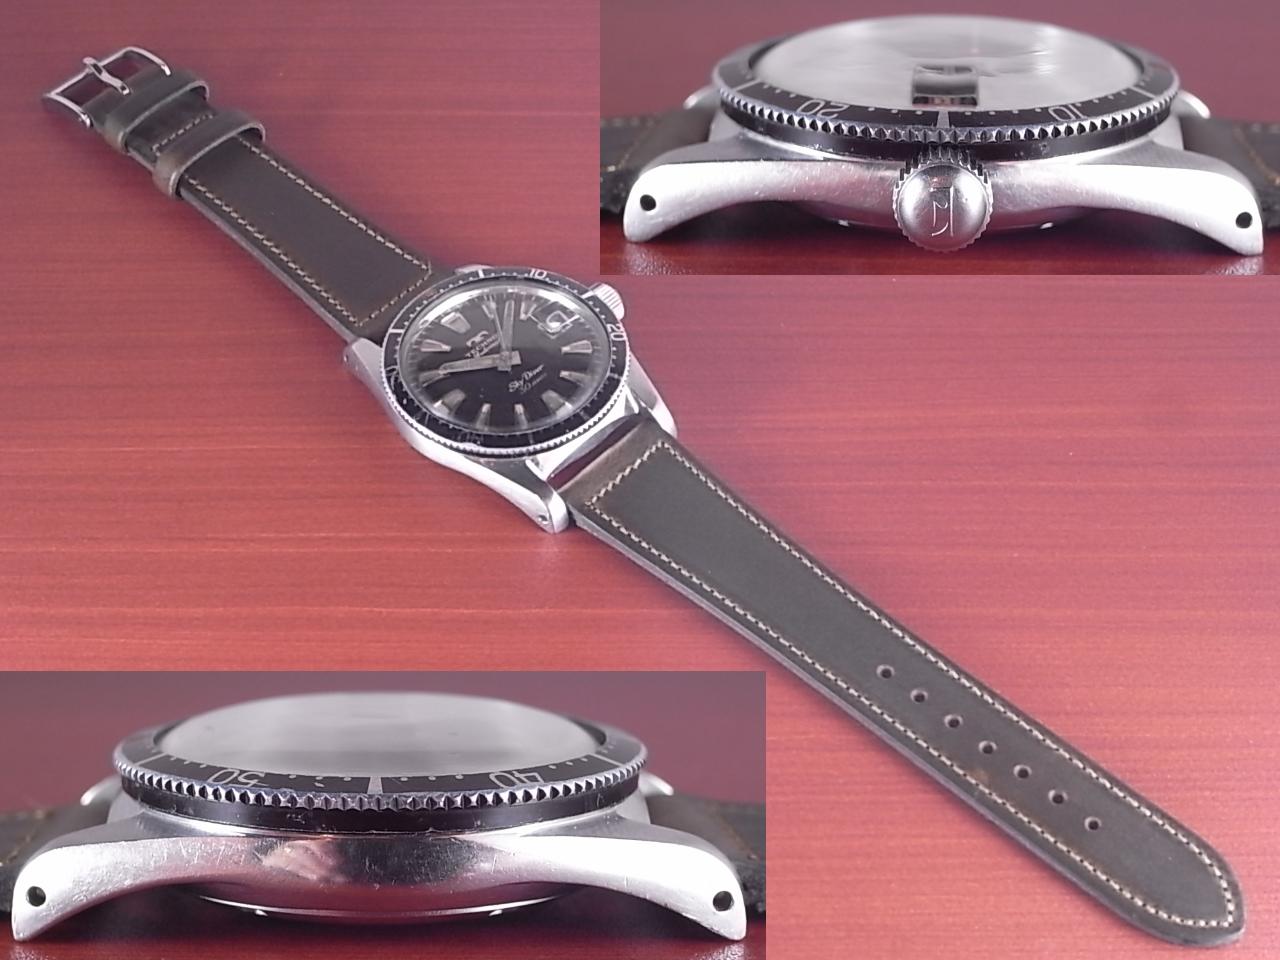 テクノス スカイダイバー ブラックミラーダイアル 30JEWELS 1960年代の写真3枚目